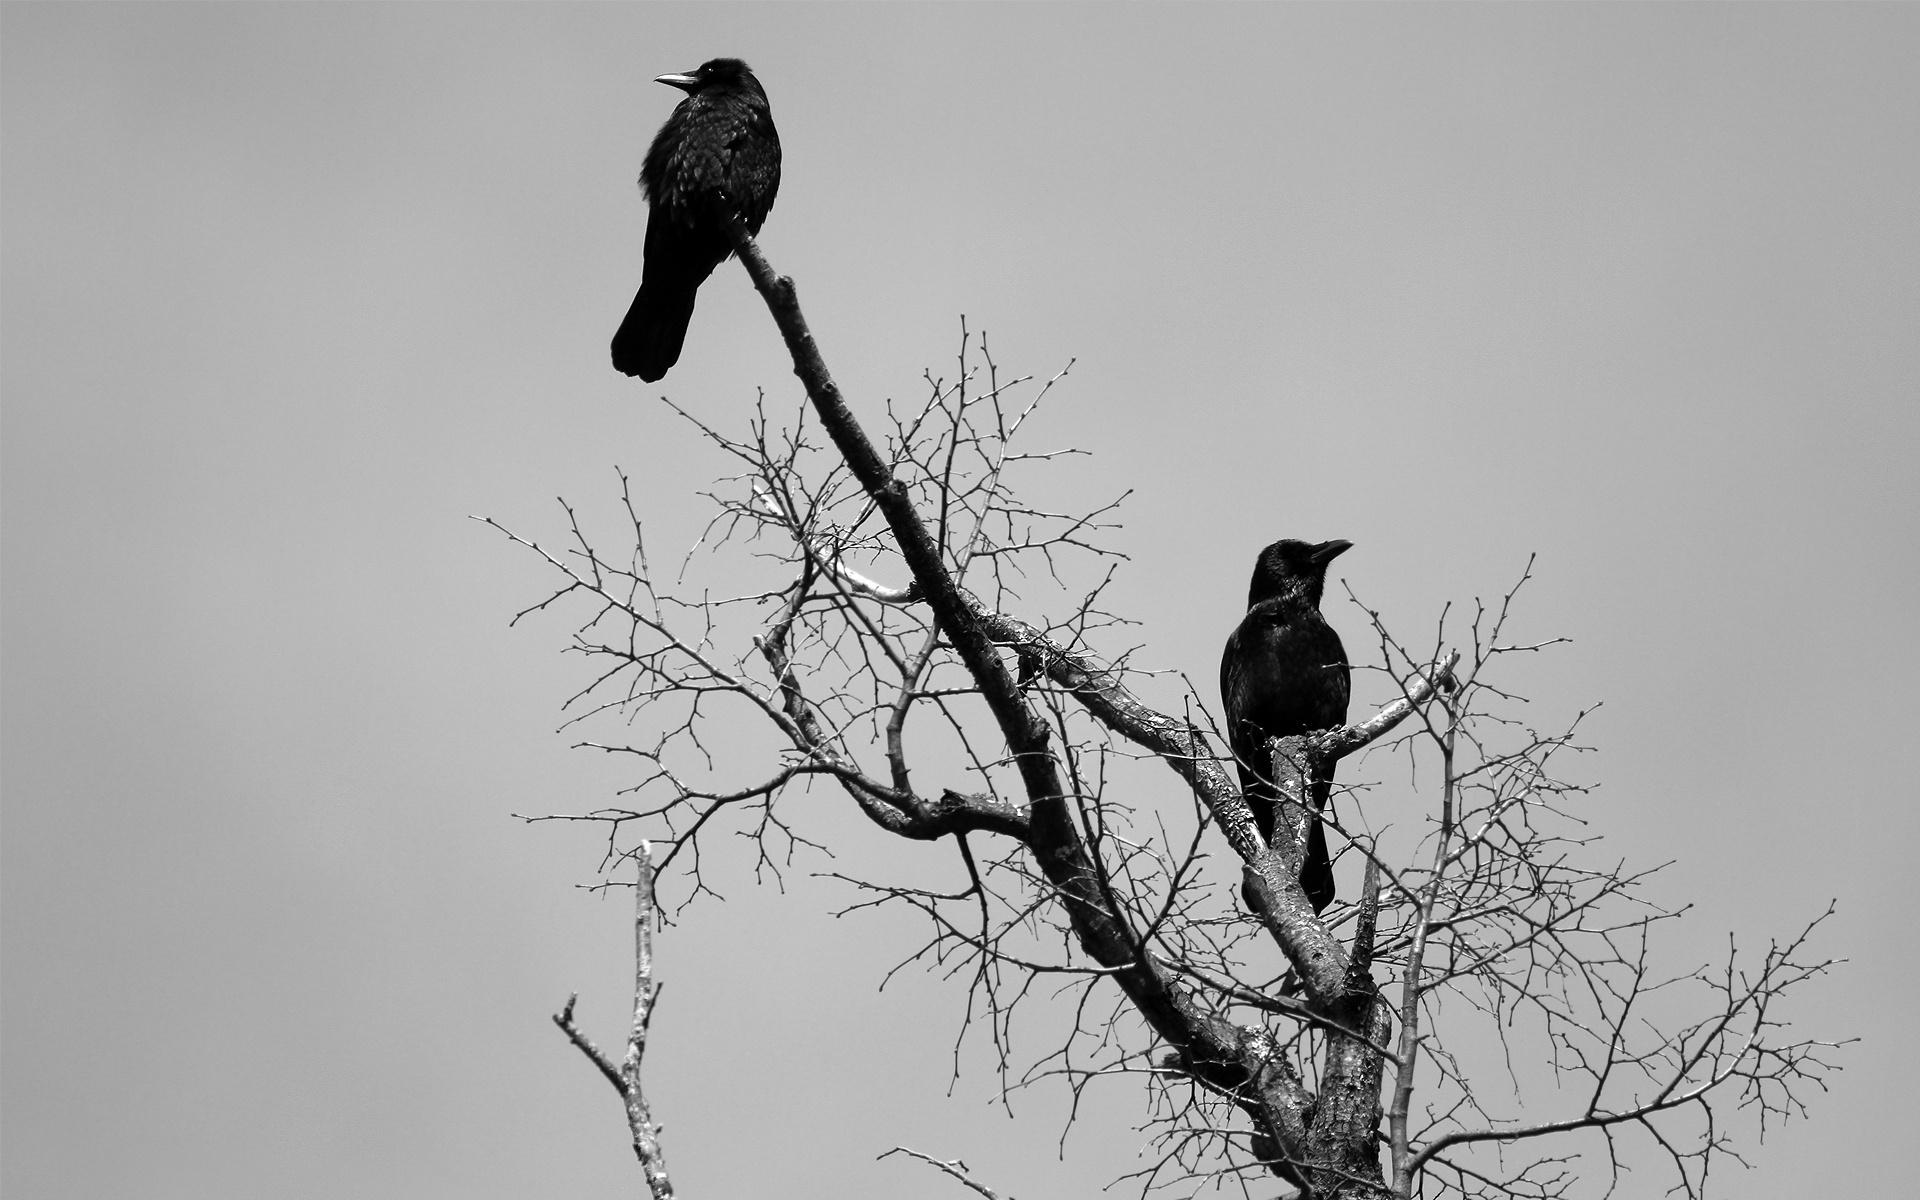 animals birds crows ravens gothic dark wallpaper